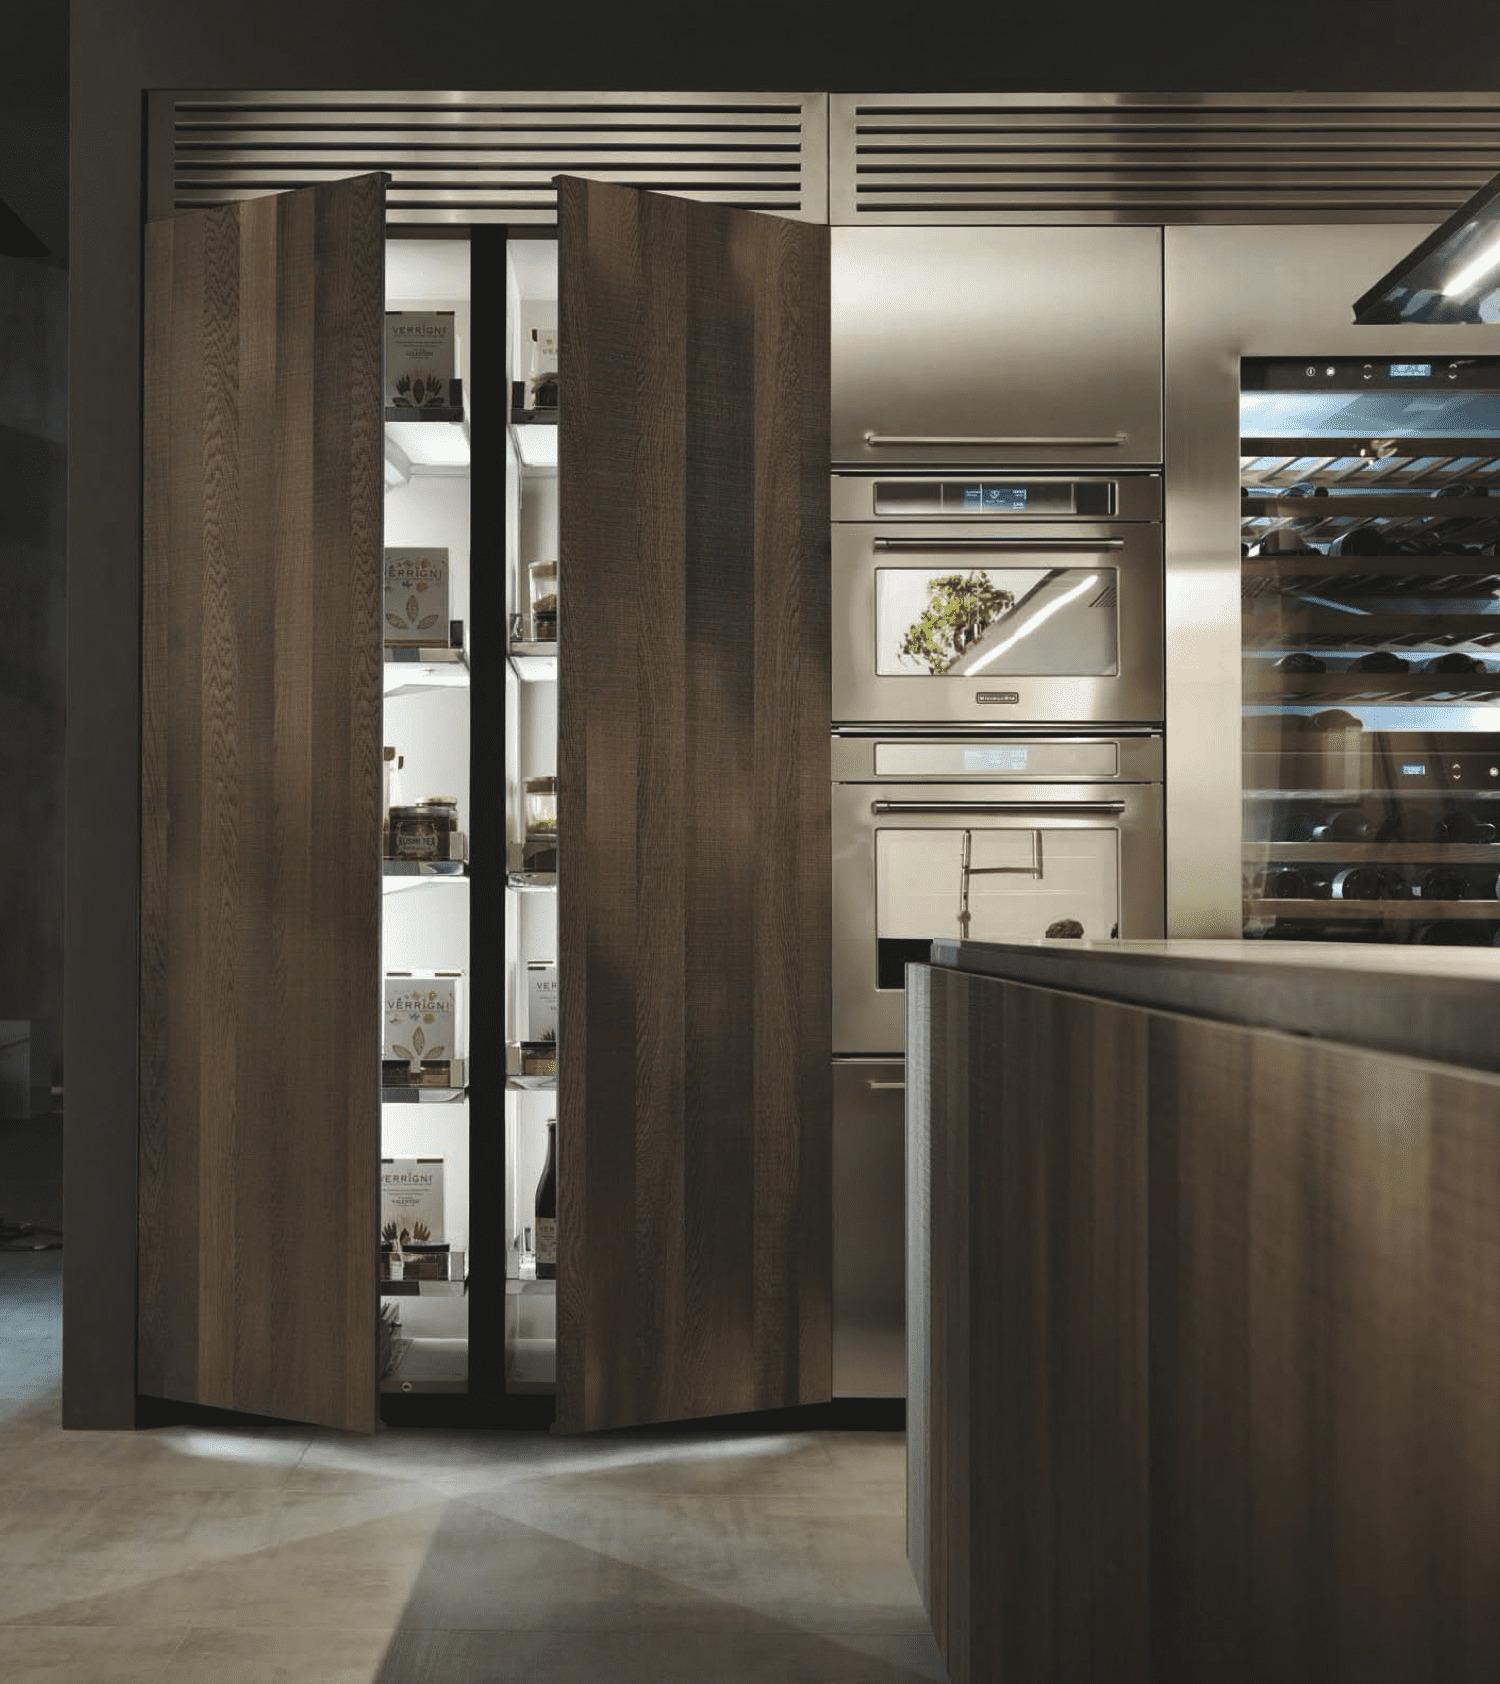 La importancia del almacenaje en una cocina es fundamental para que todo esté ordenado